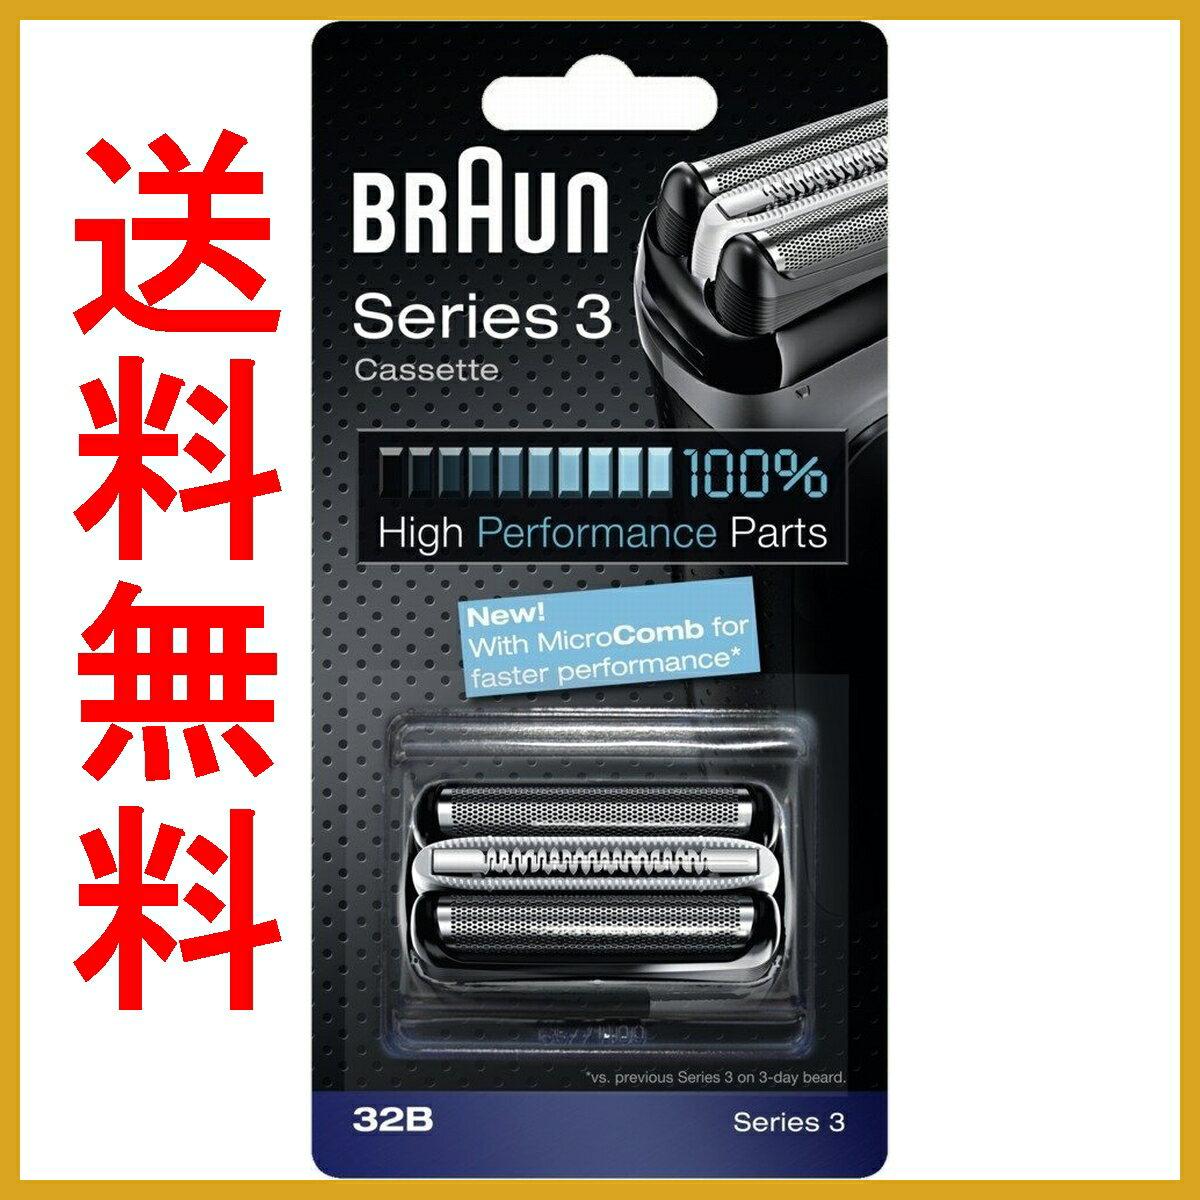 ブラウン 替刃 シリーズ3 32B(F/C32B-6 F/C32B F/C32B-5) 網刃・内刃一体型カセット ブラック 並行輸入品